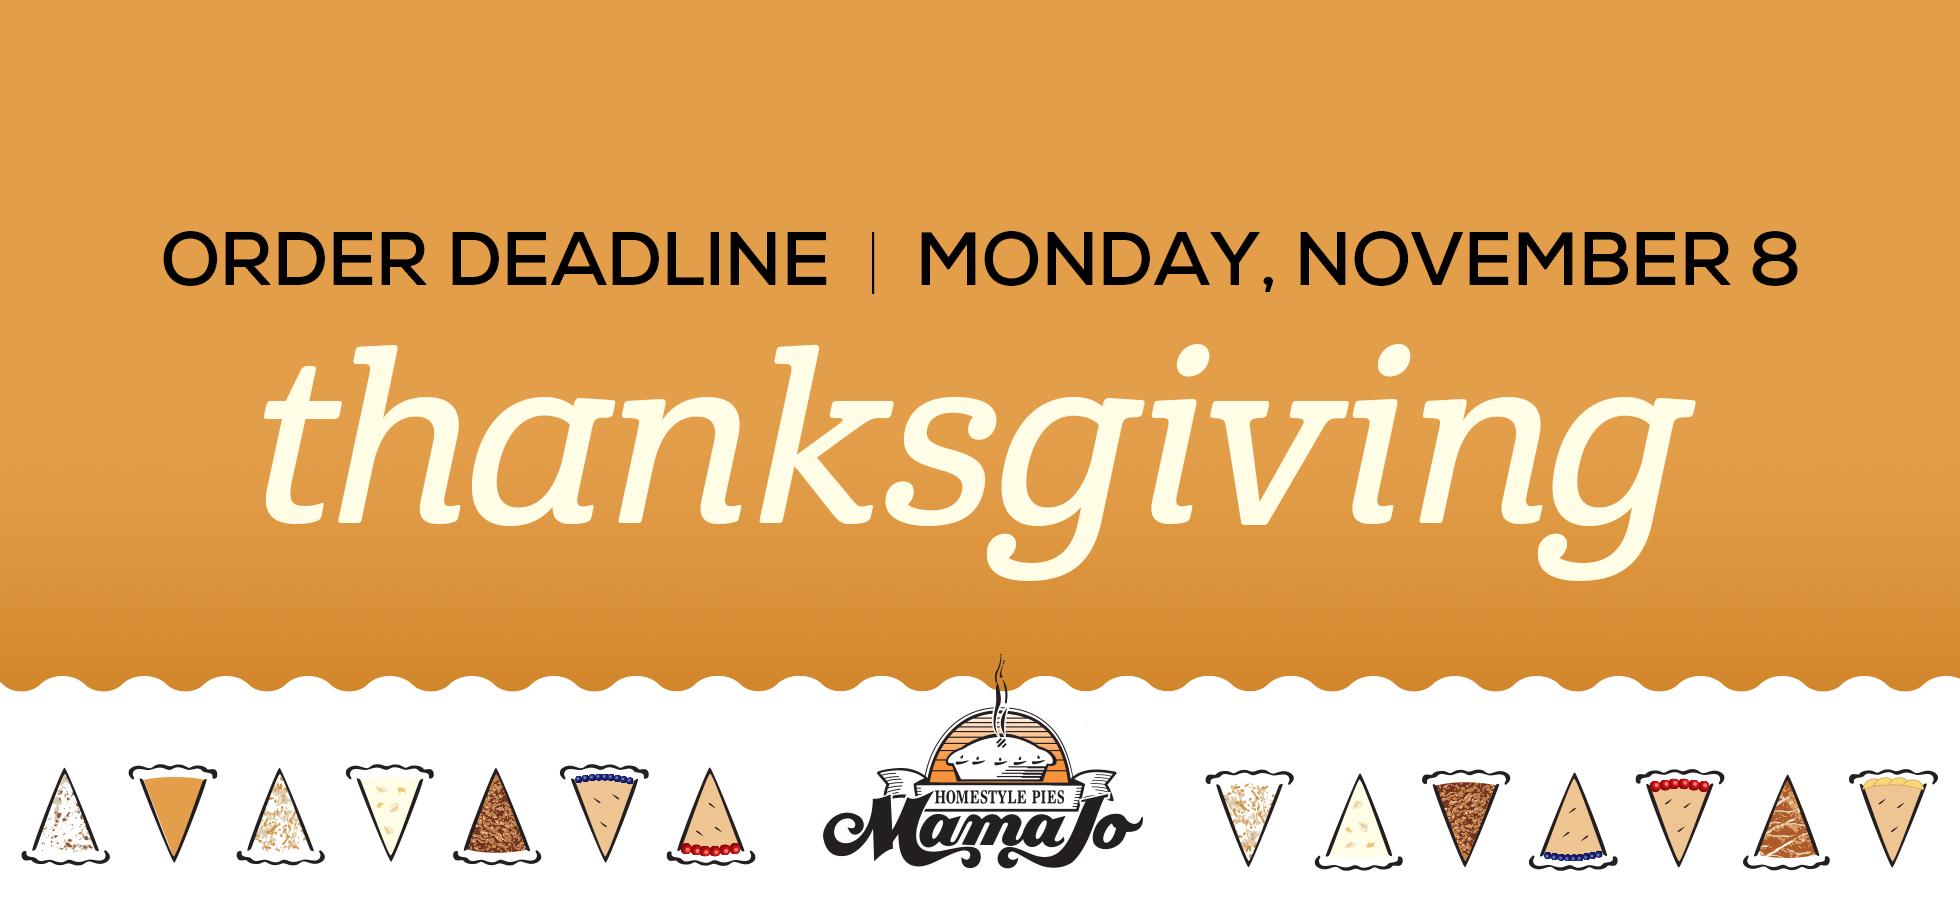 mThanksgiving ORDER DEADLINE: MONDAY, NOVEMBER 8